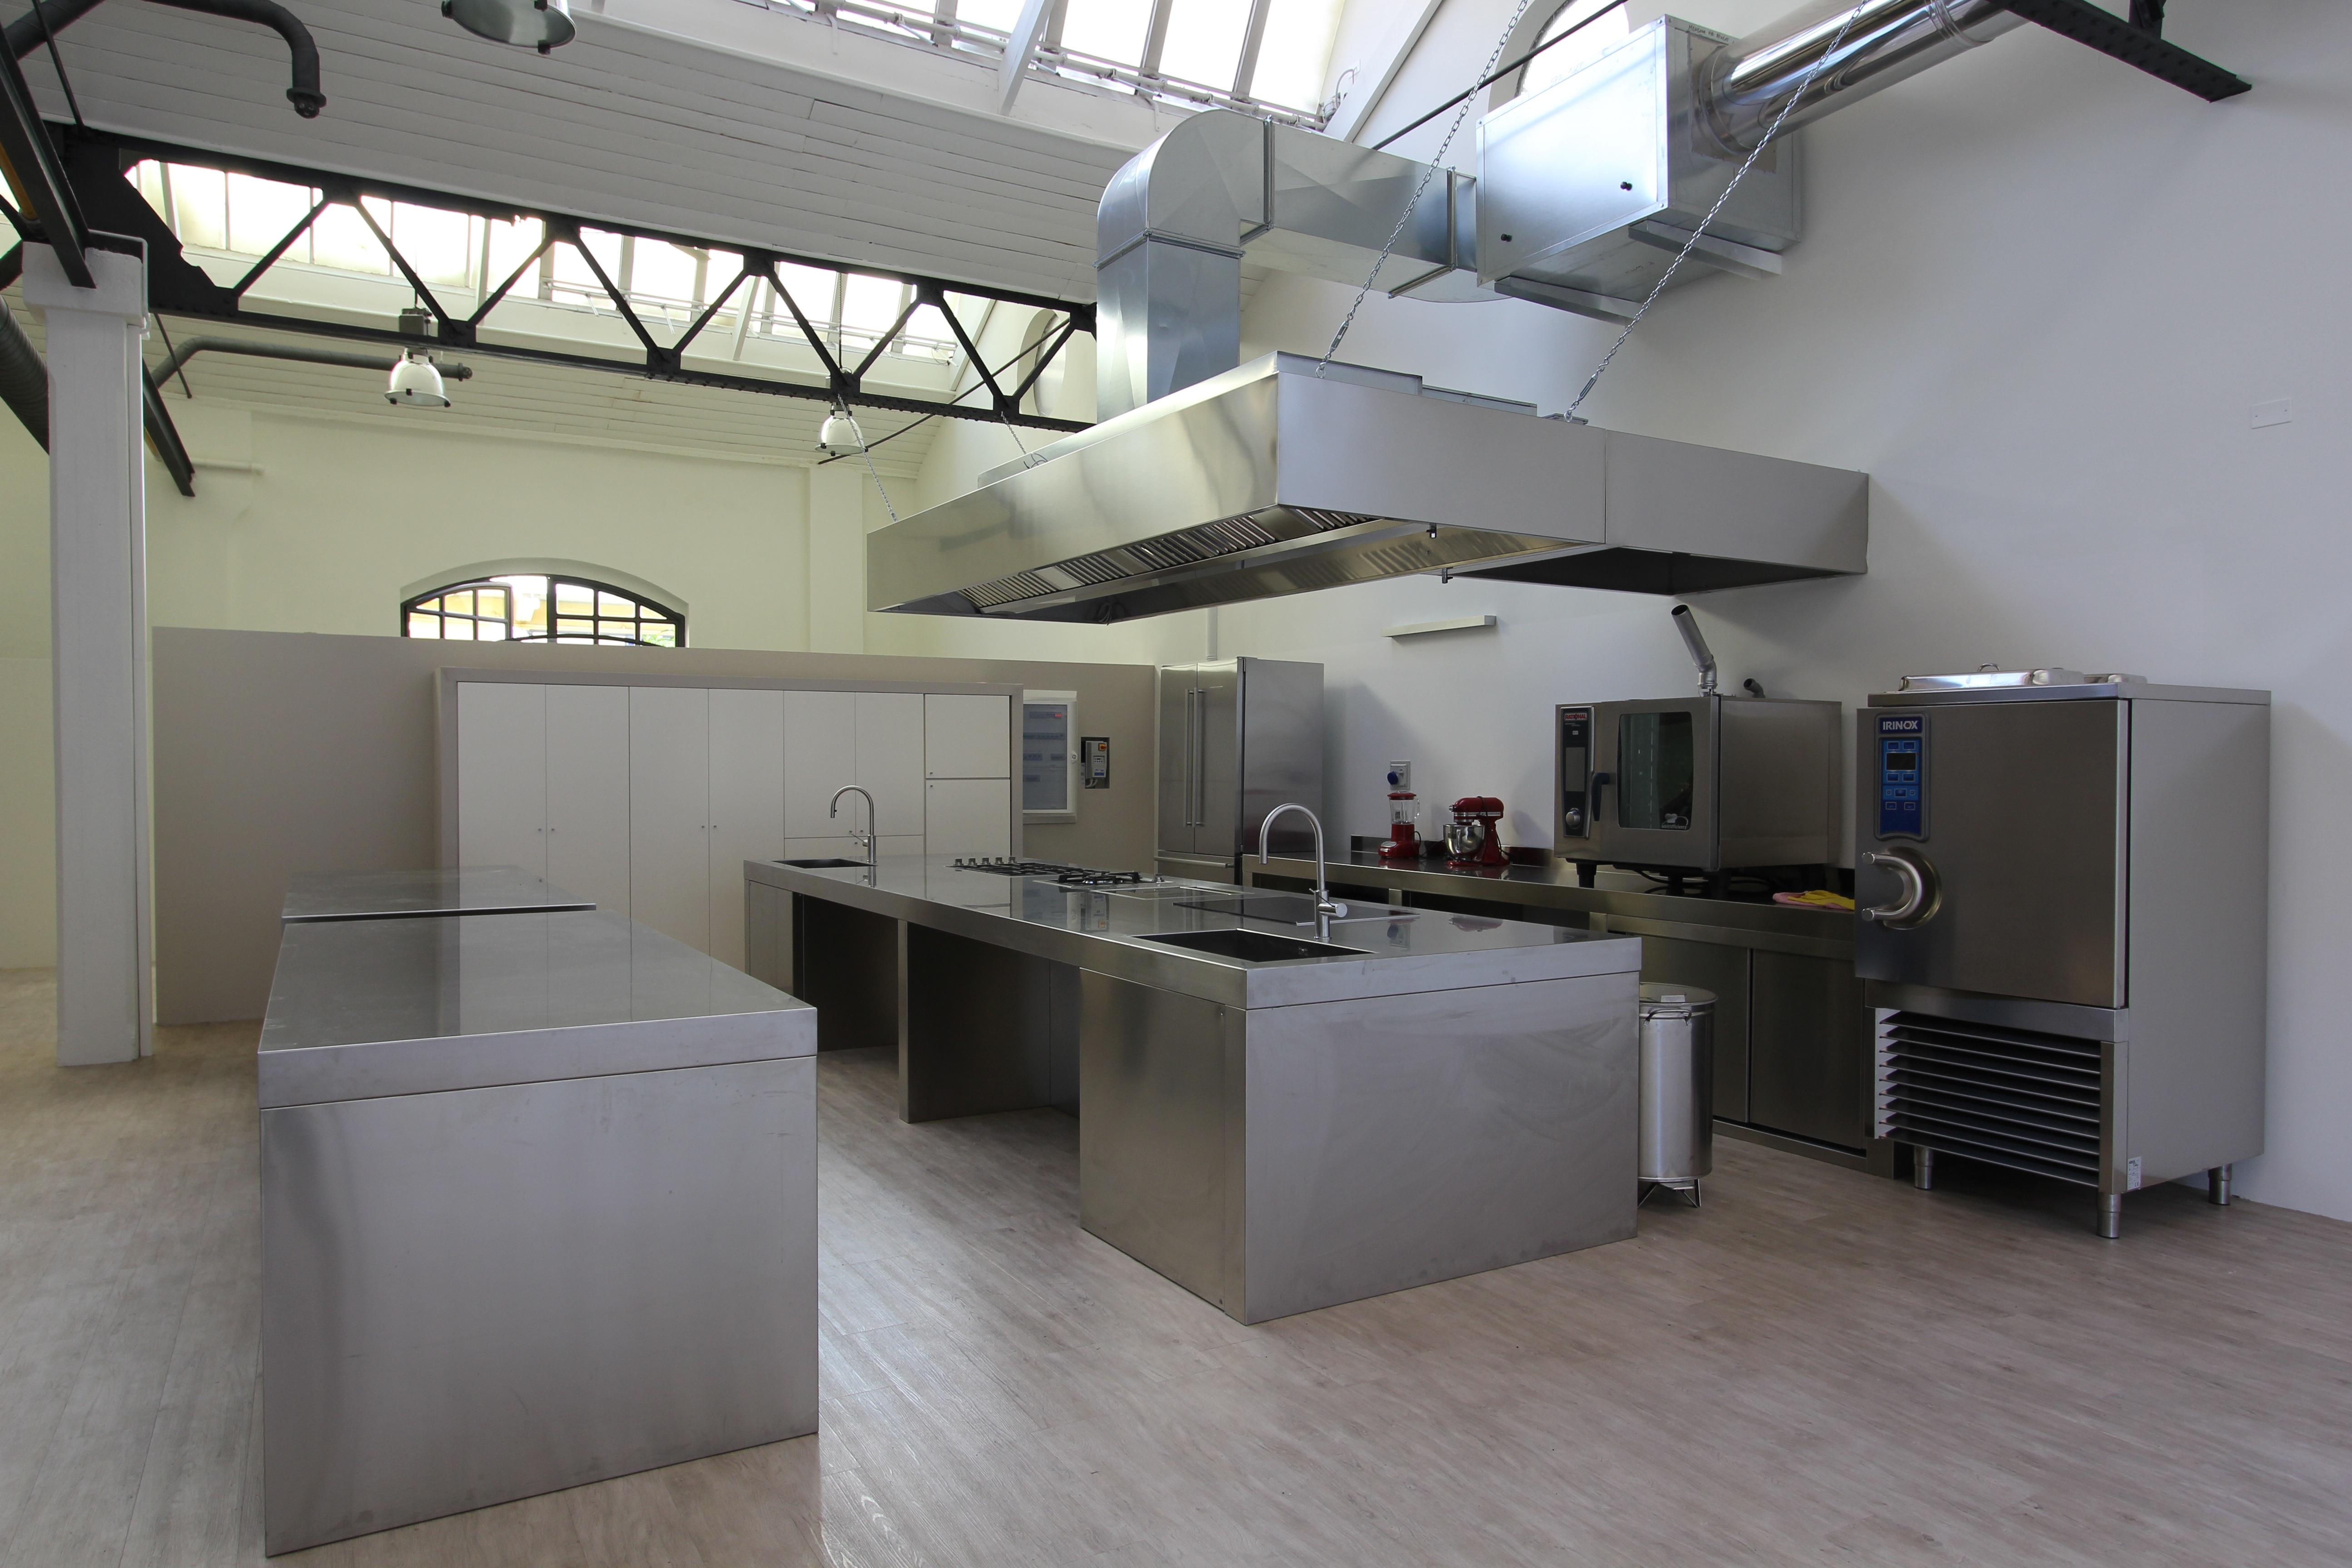 Una cucina per eventi nel cuore di Milano | News And Foodies